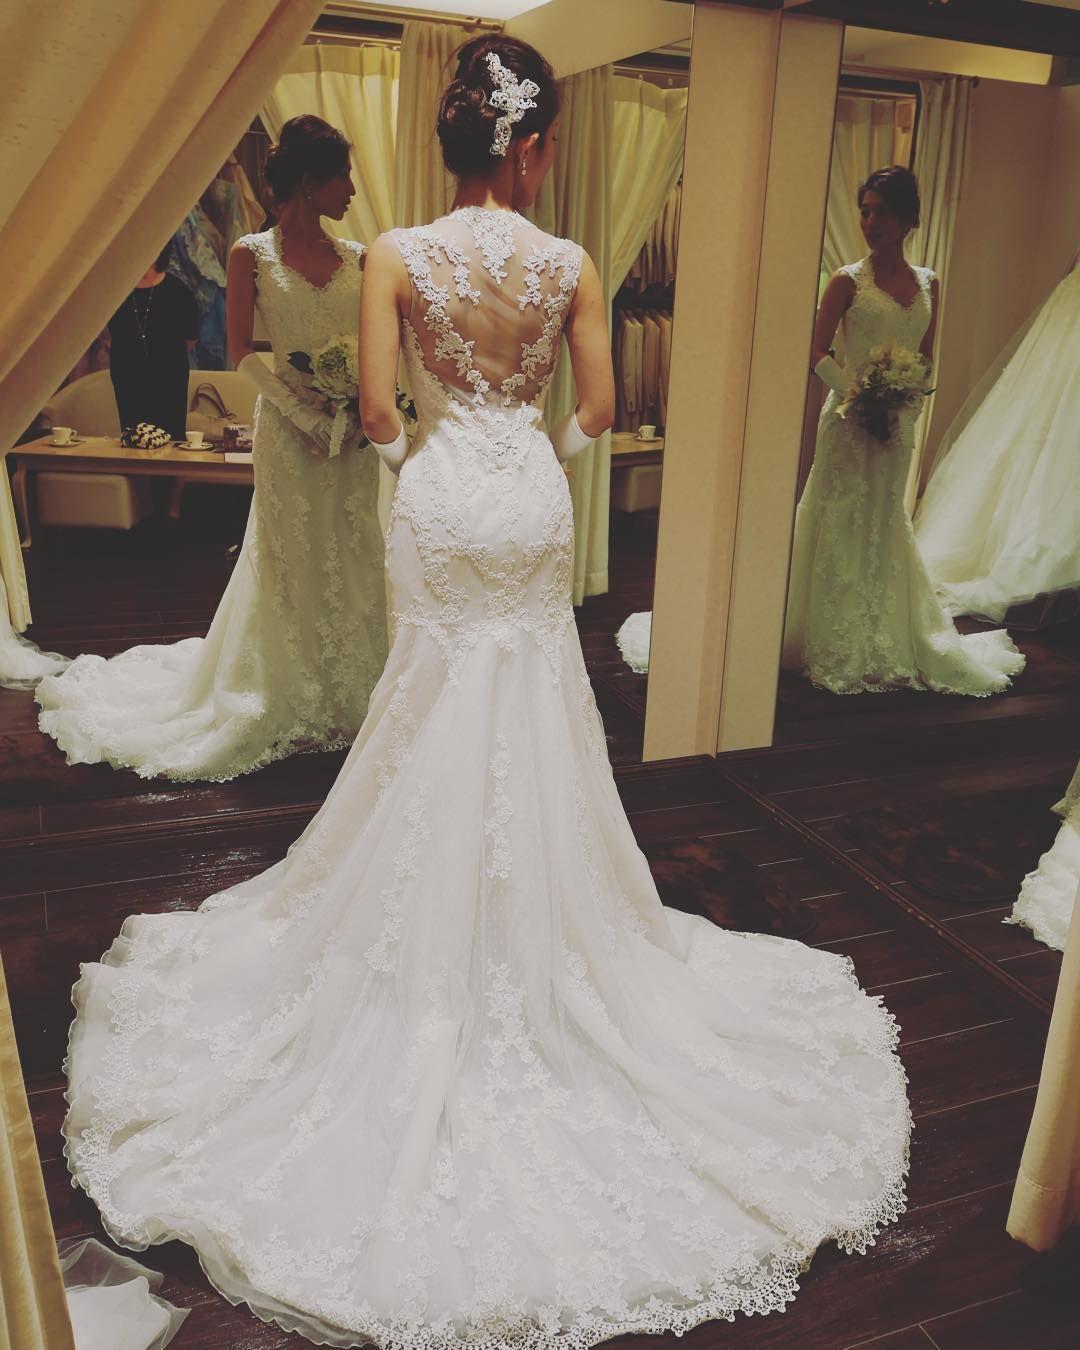 pronovias wedding dress 「. 憧れの#プロノビアス やっぱり#バックスタイル が 特徴的で素敵だった… そして、#レース も形も とっても素敵だった… . #アフターパーティ や #二次会 に着たい!! . #挙式 でもバックスタイル見て もらえるからいいけどなあ〜 . あーあーあー… いいないいないいなー でもなあ……」